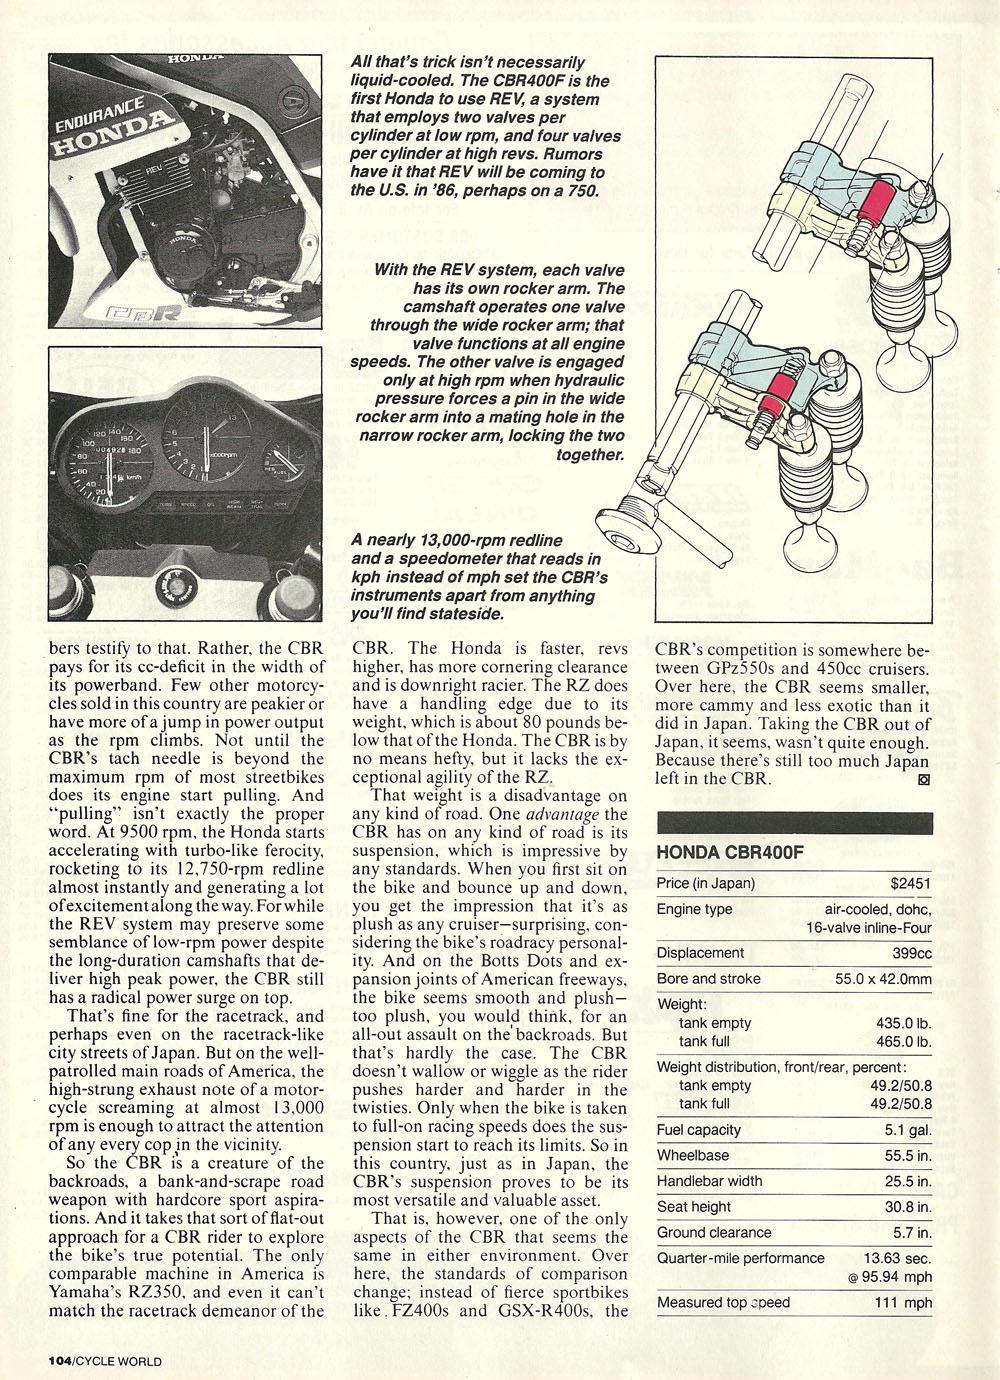 1985 Honda CBR400F road test 03.jpg